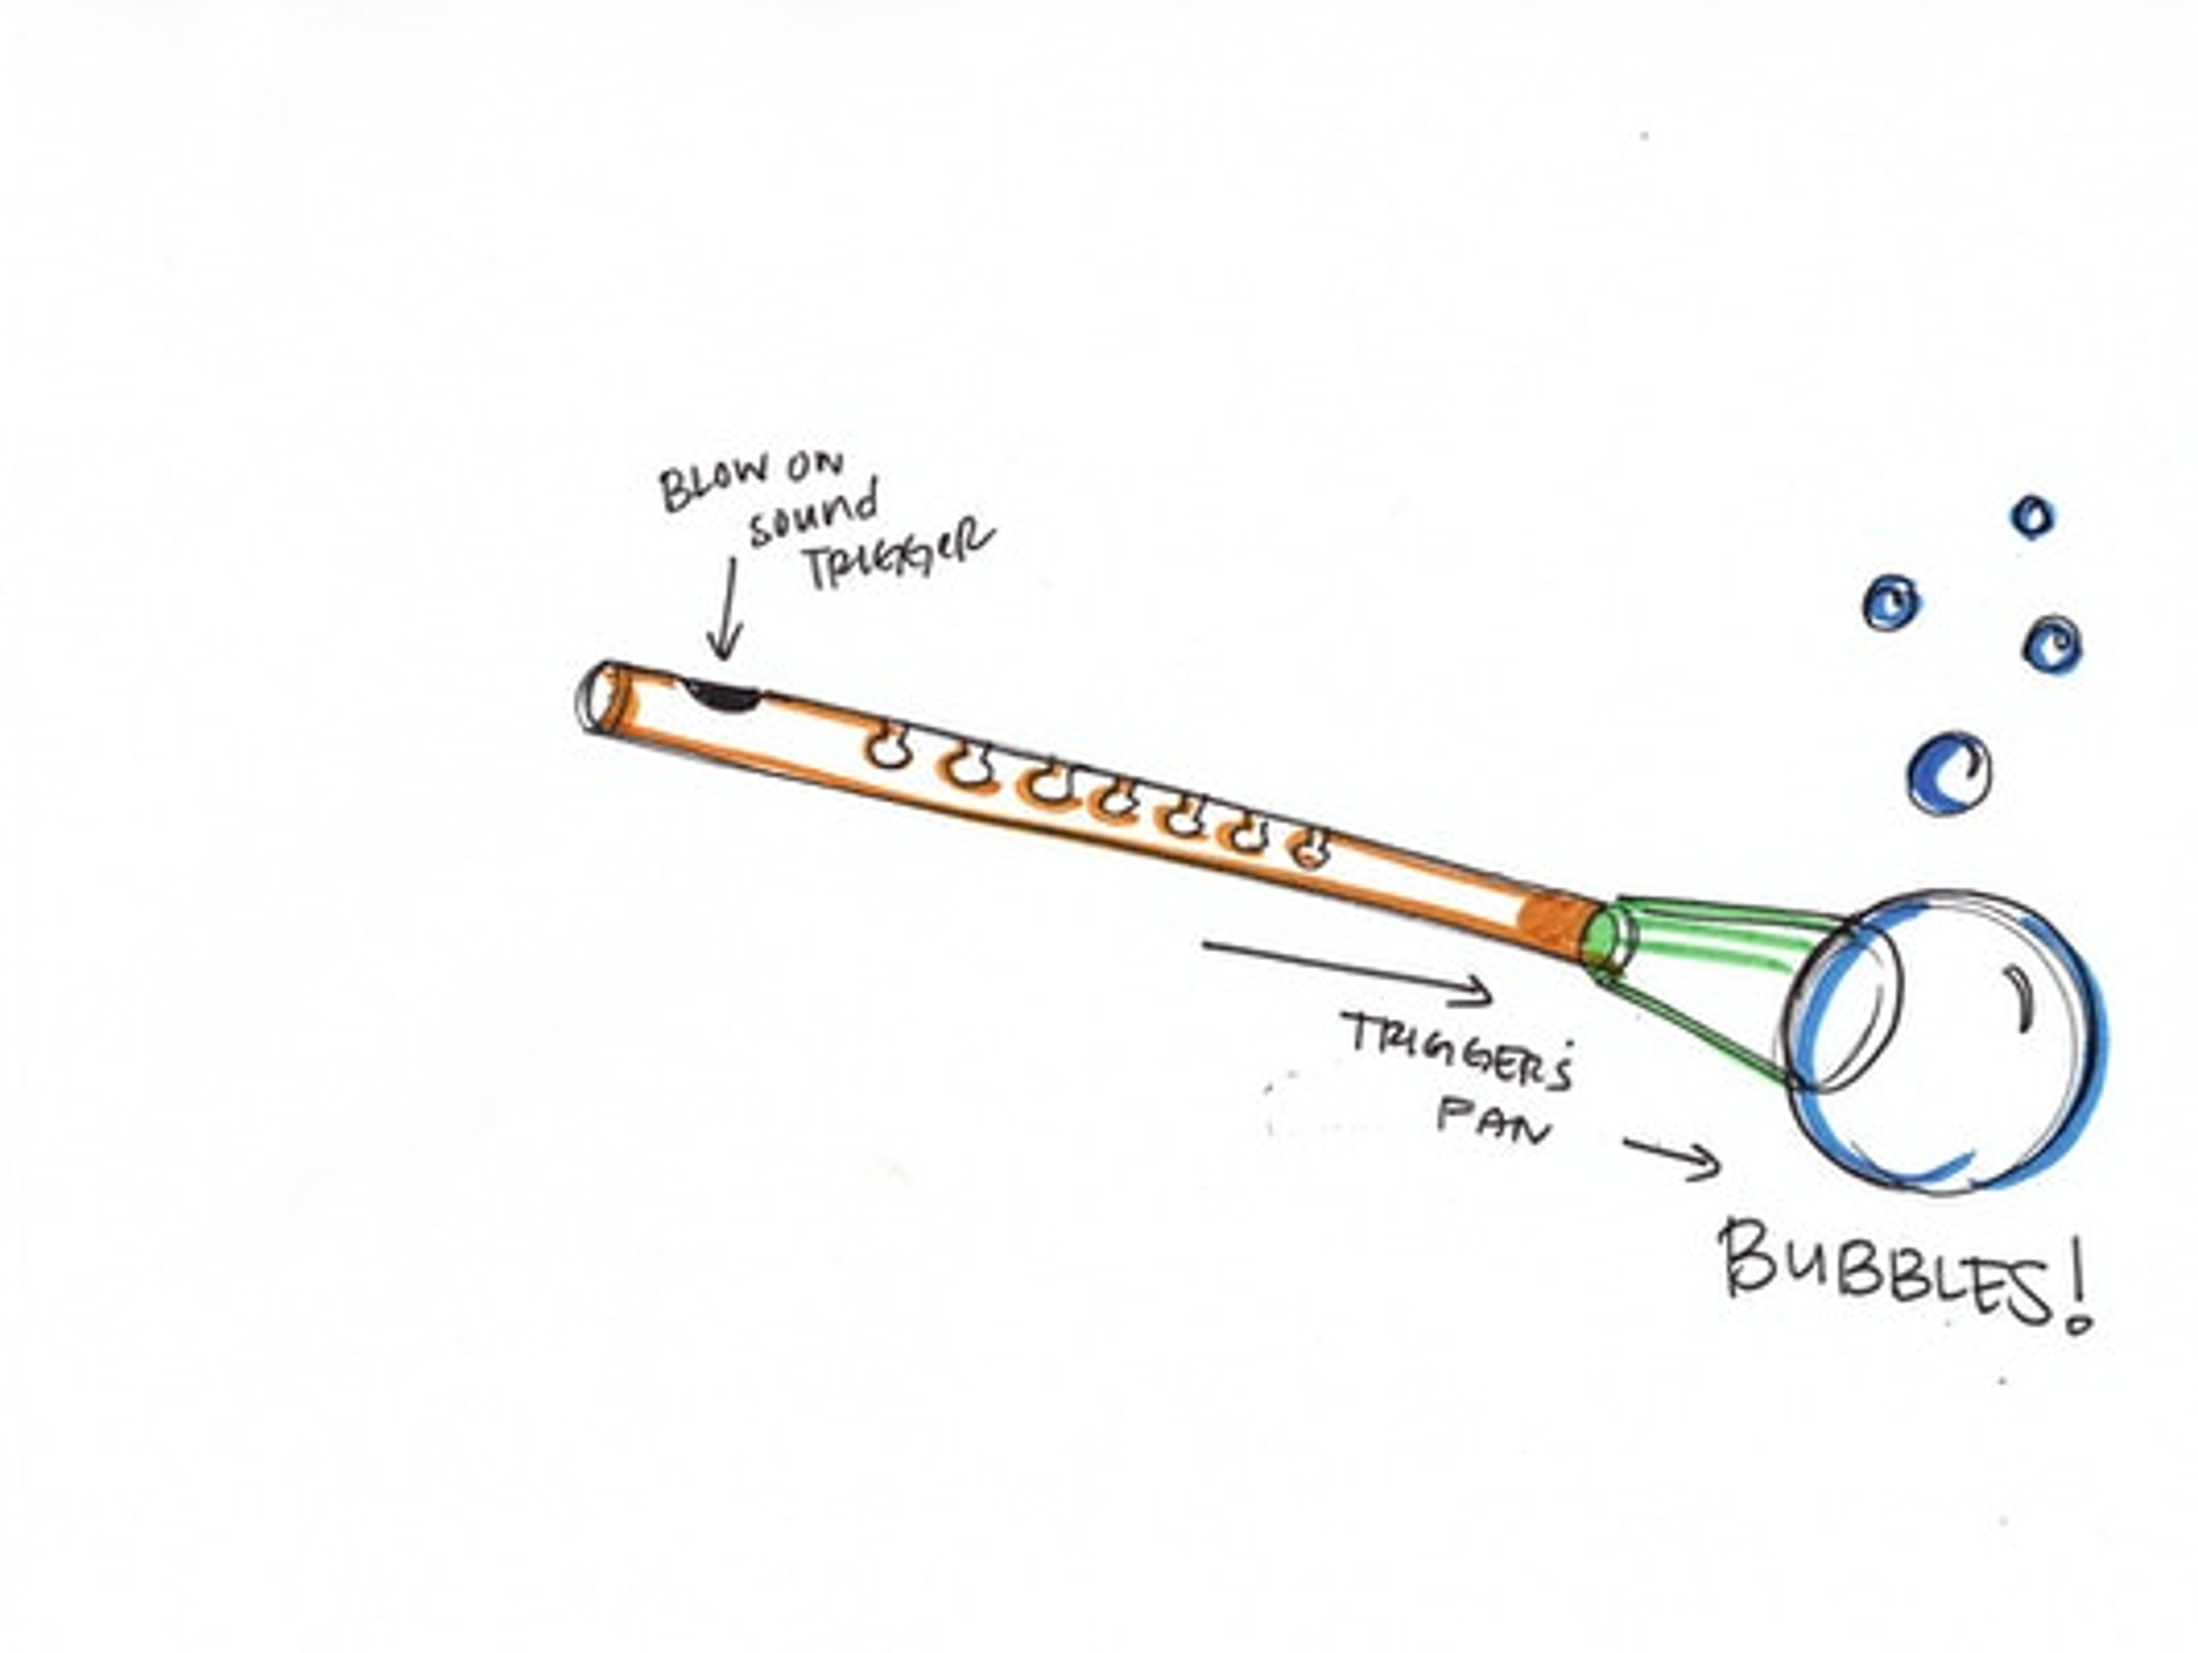 Bubble flute